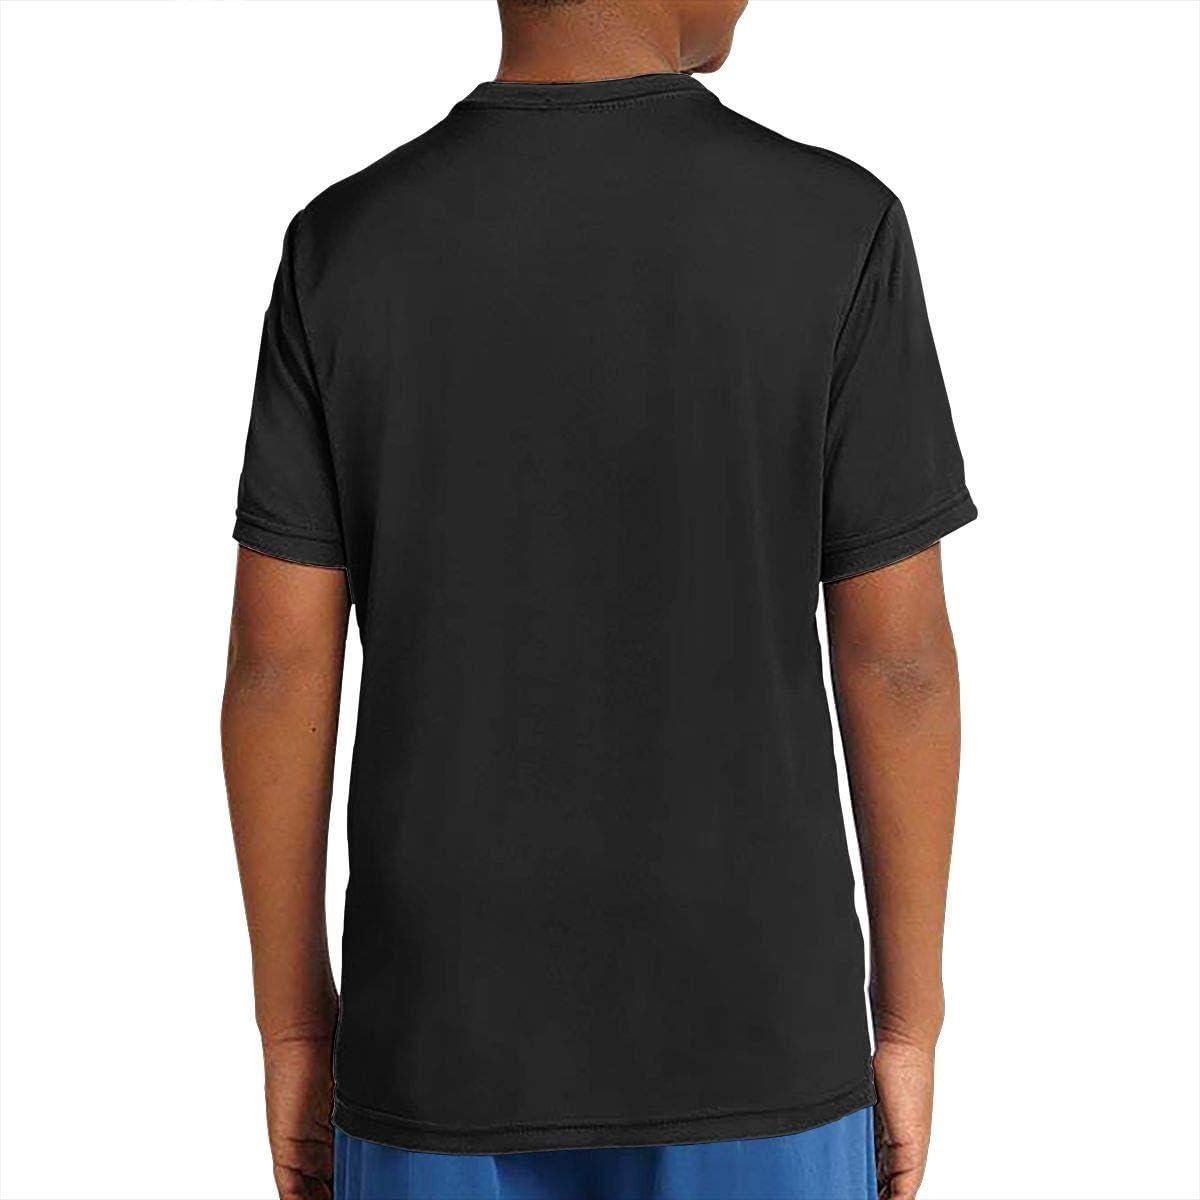 Teenage T-Shirt Fashion Teen Tshirts Youth Boys Tops